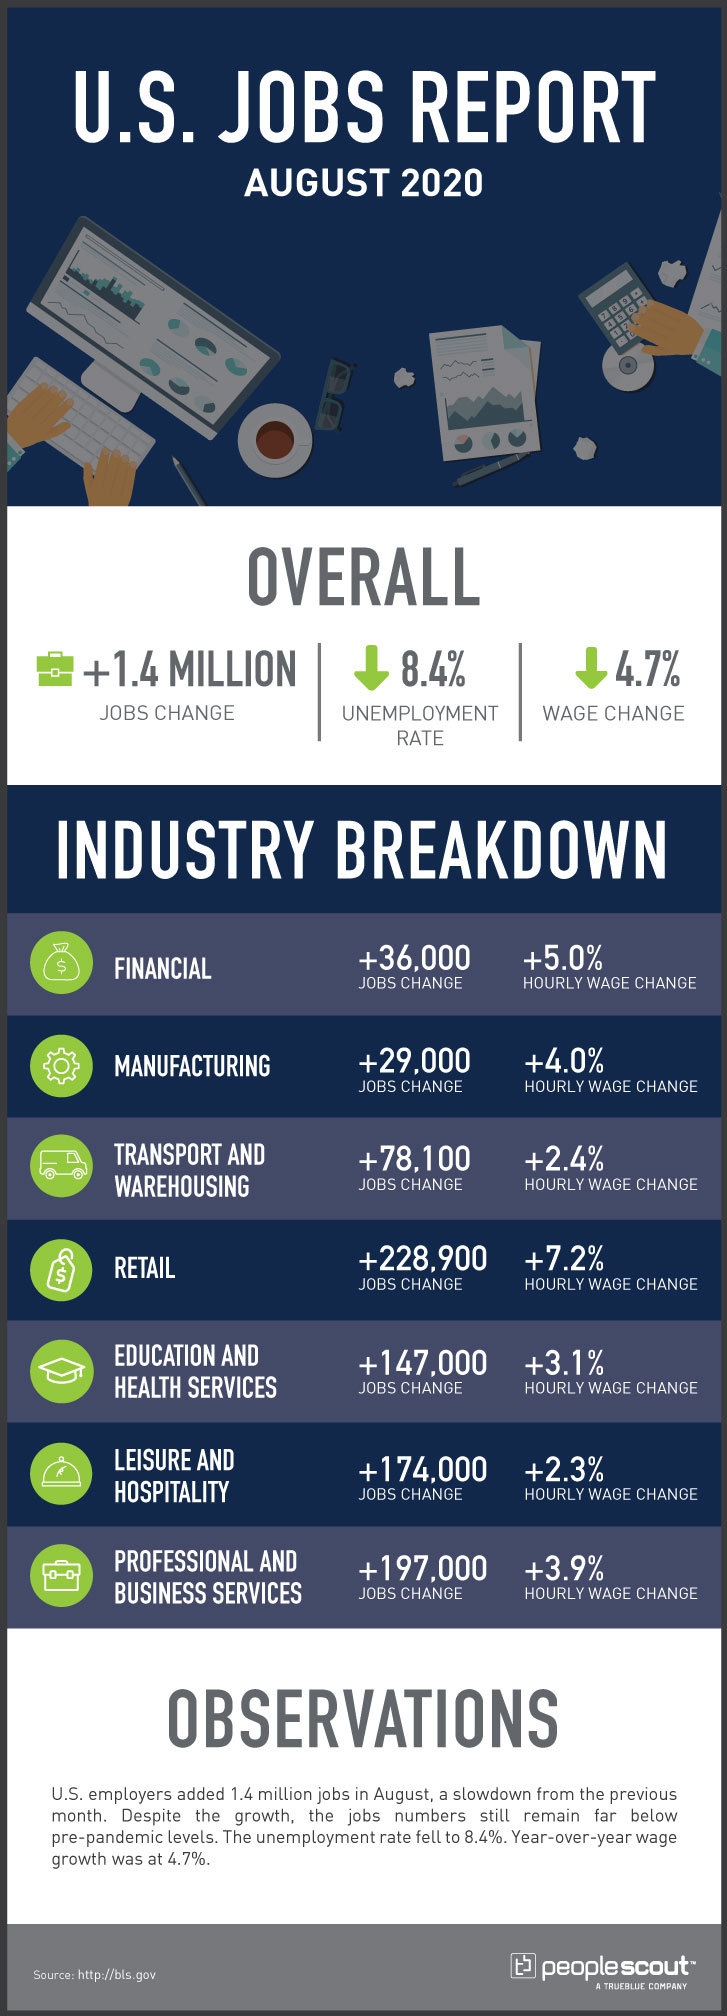 u.s. jobs report